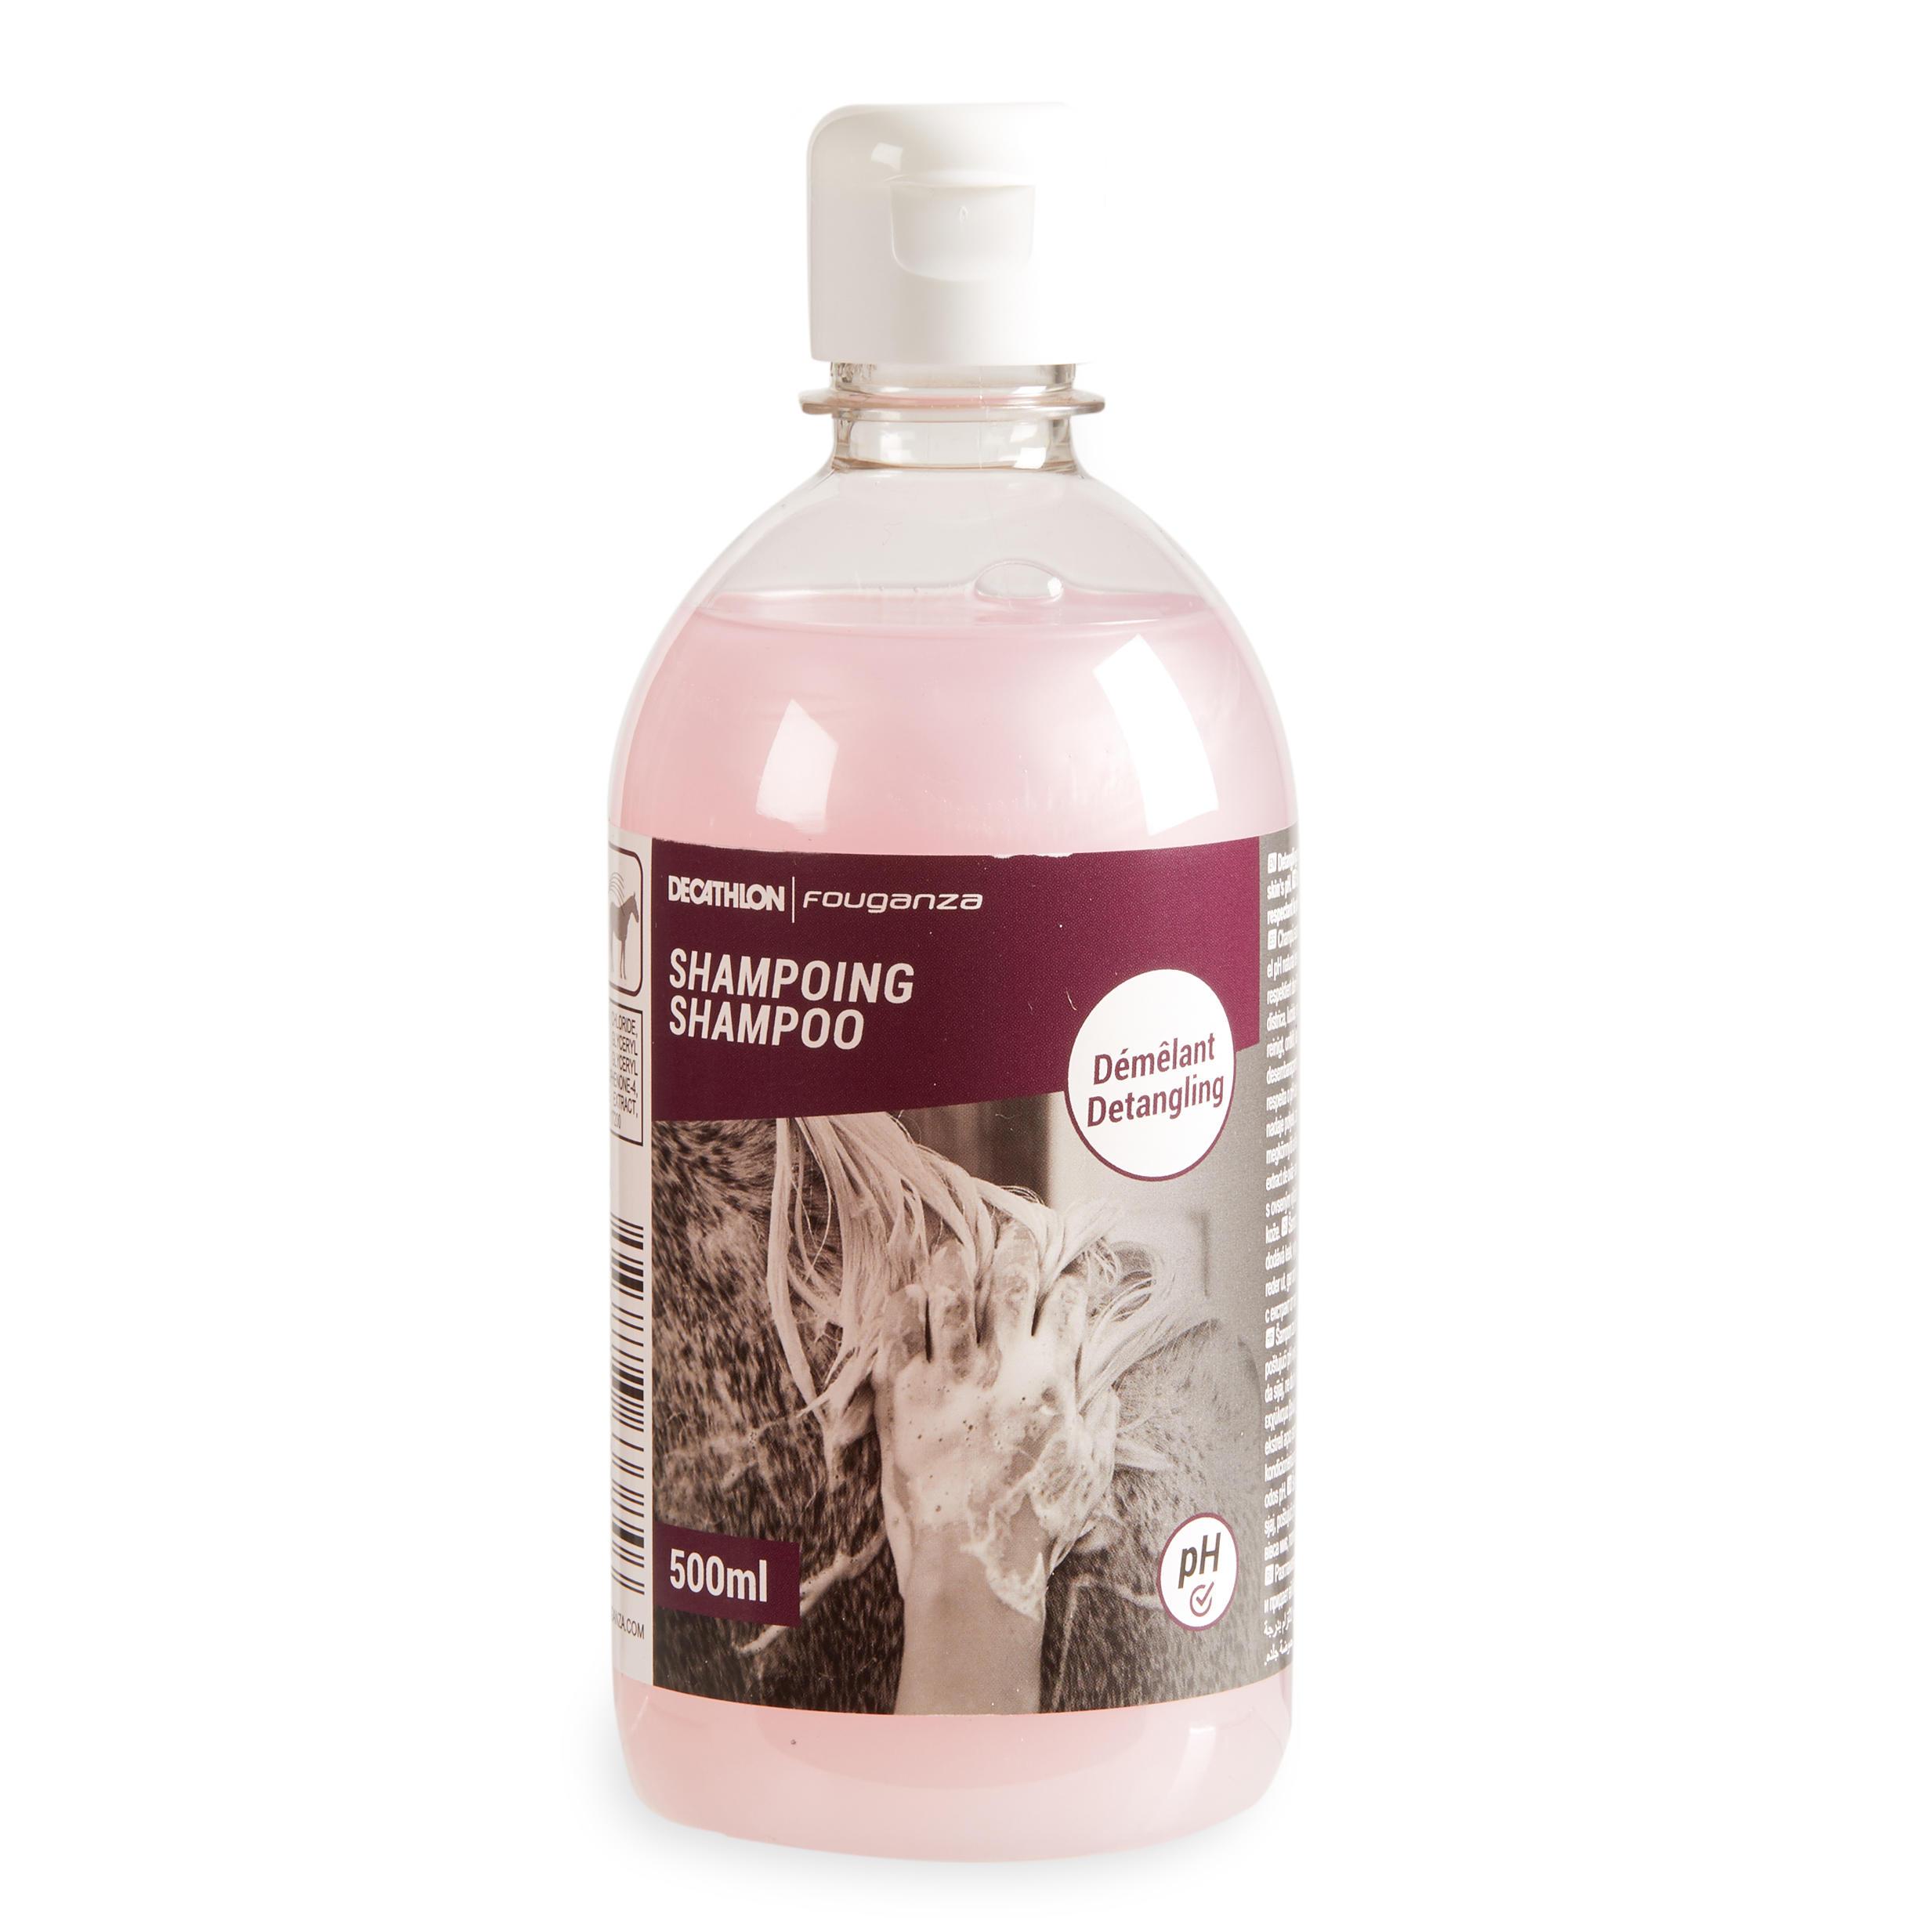 Șampon echitație 500 ml